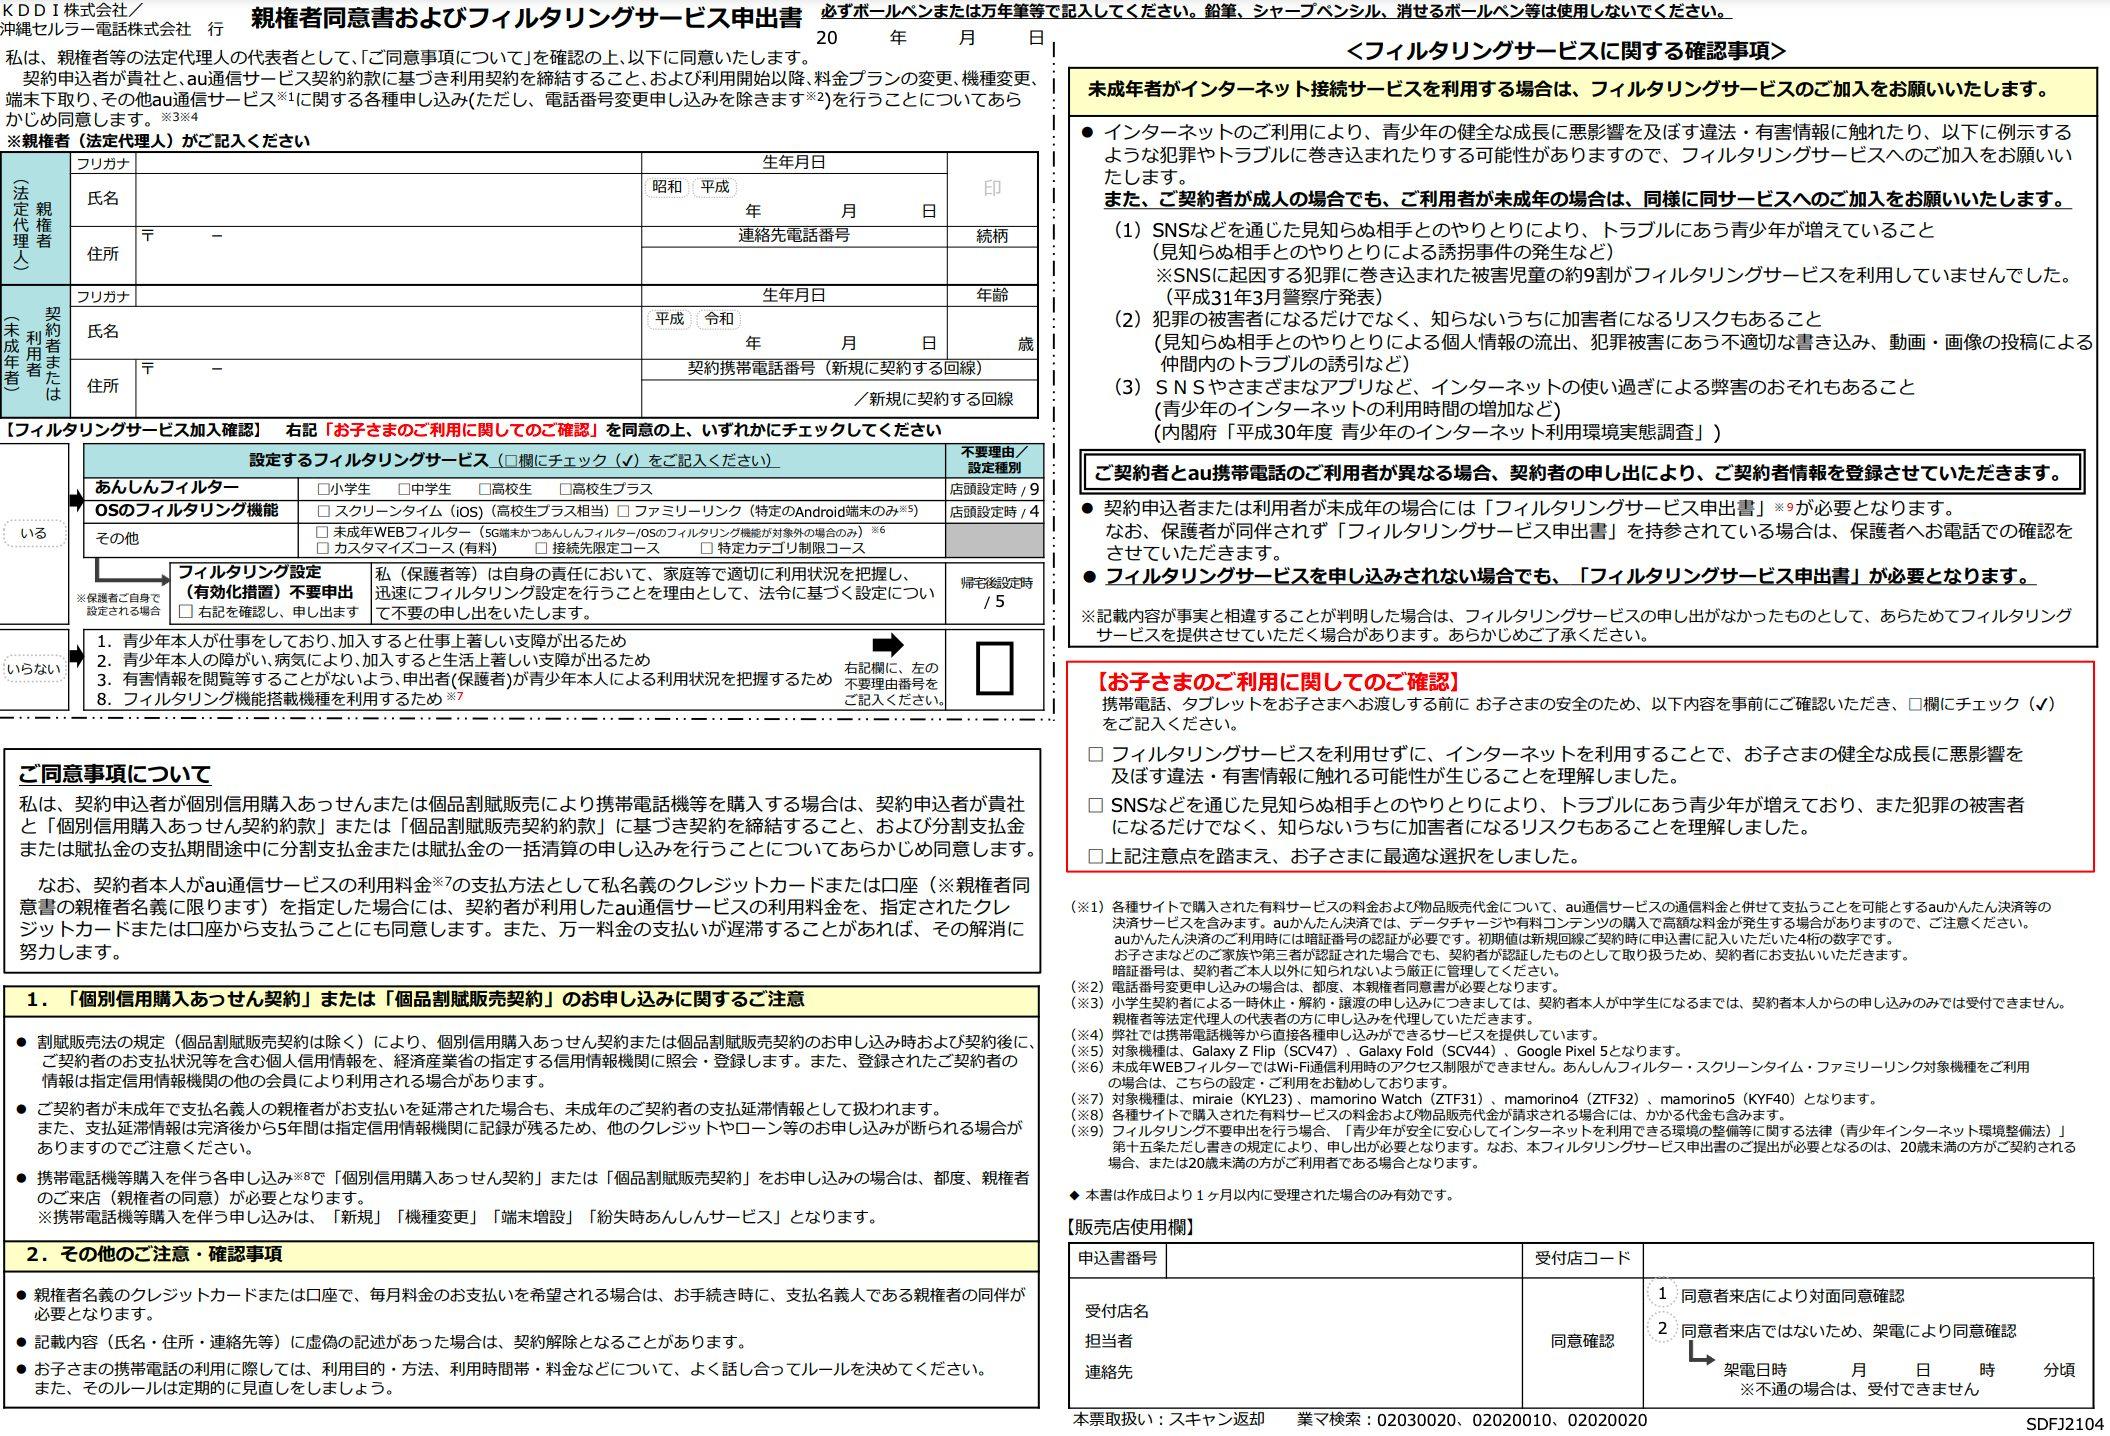 親権者同意書およびフィルタリングサービス申出書